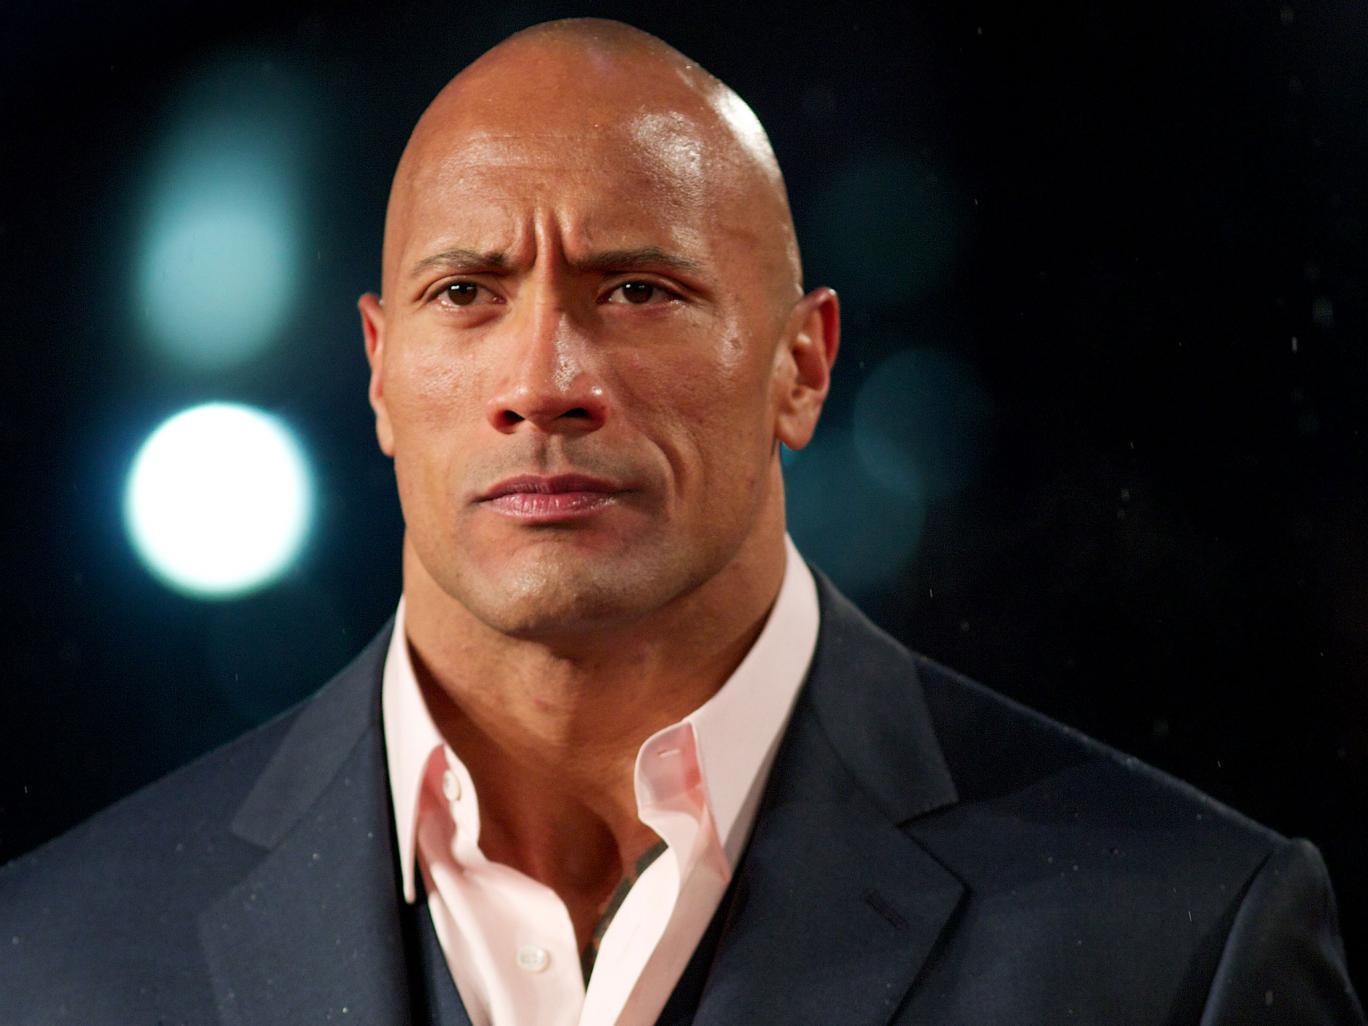 Dwayne Johnson, mejor conocido como The Rock, o la Roca